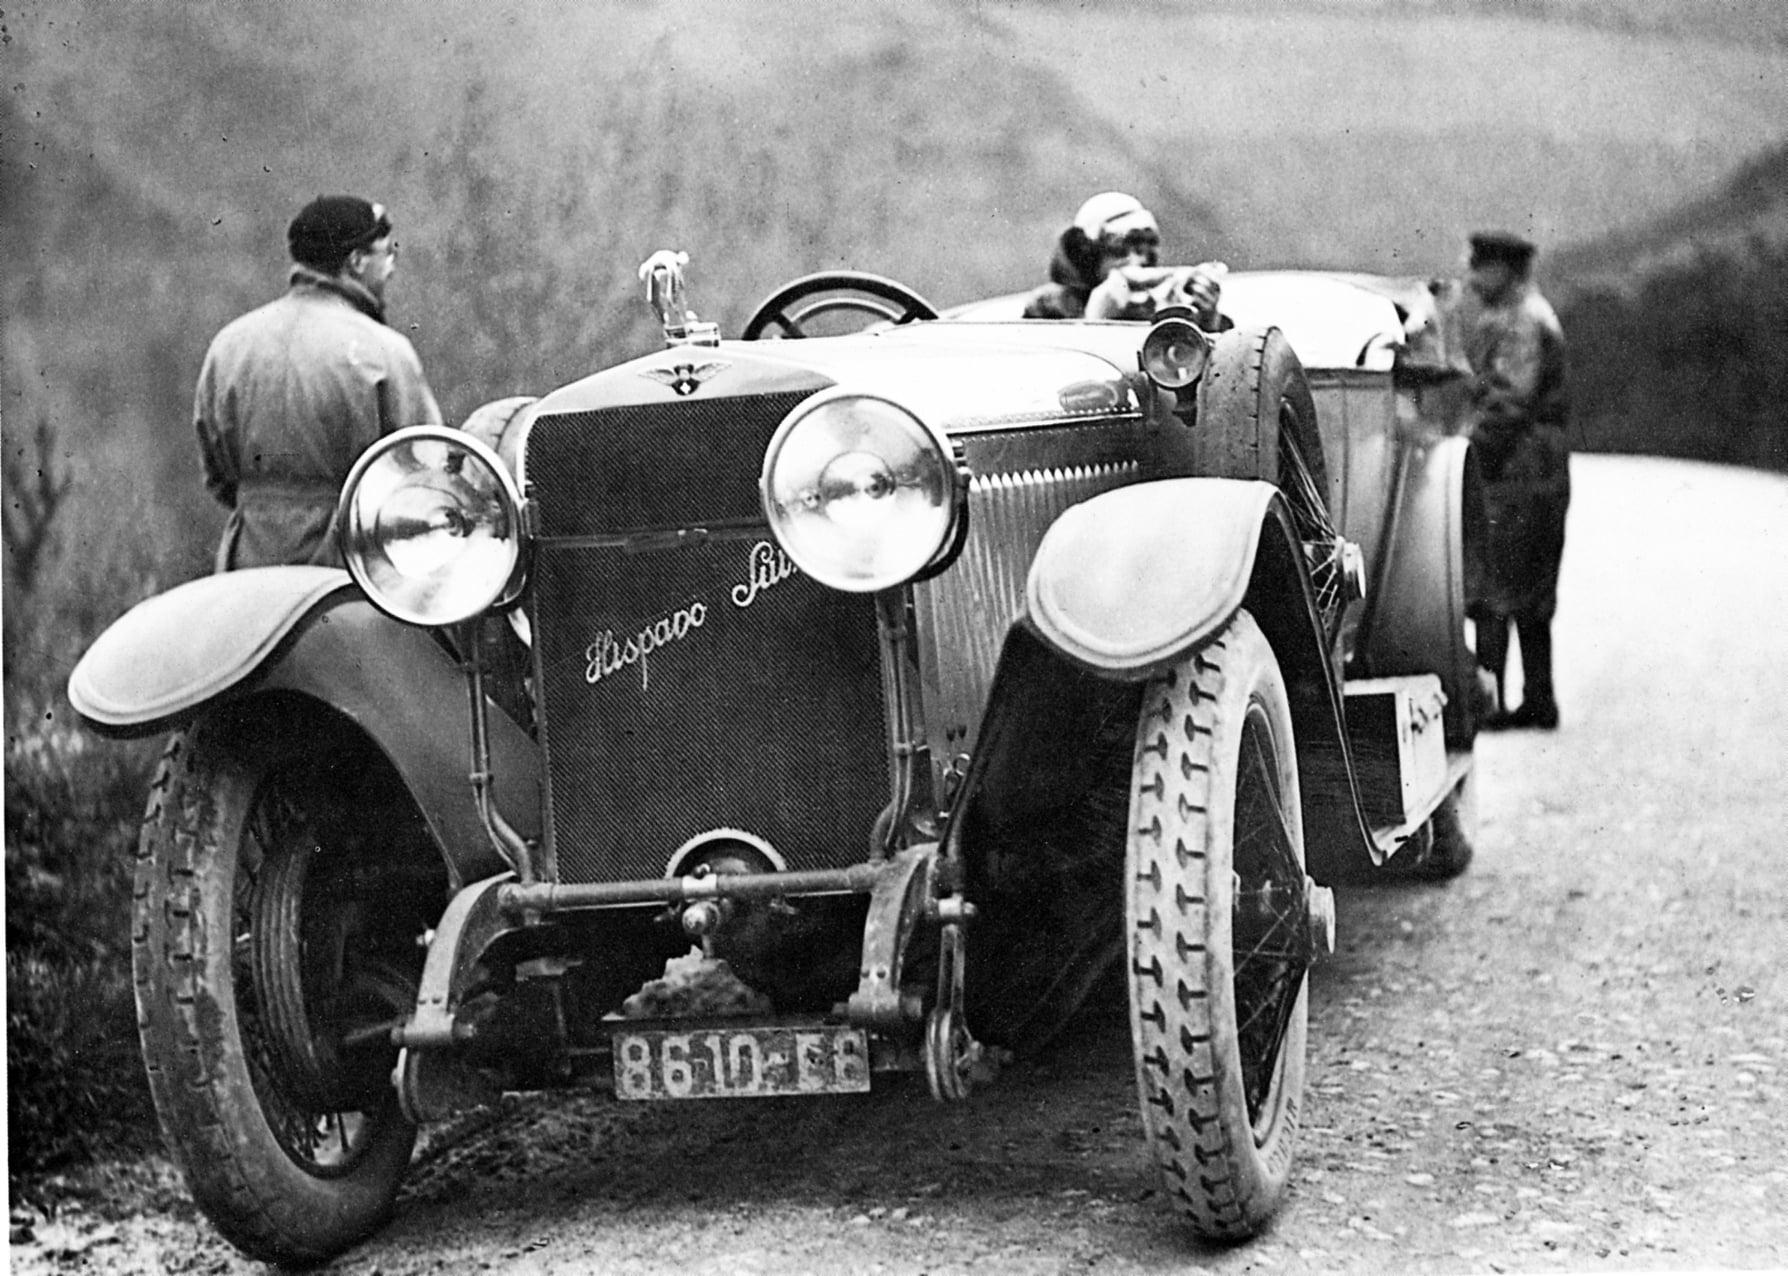 Hispano-Suiza-Torpedo-Labourdette--32-CV-Familie-Lartigue-april-1925-